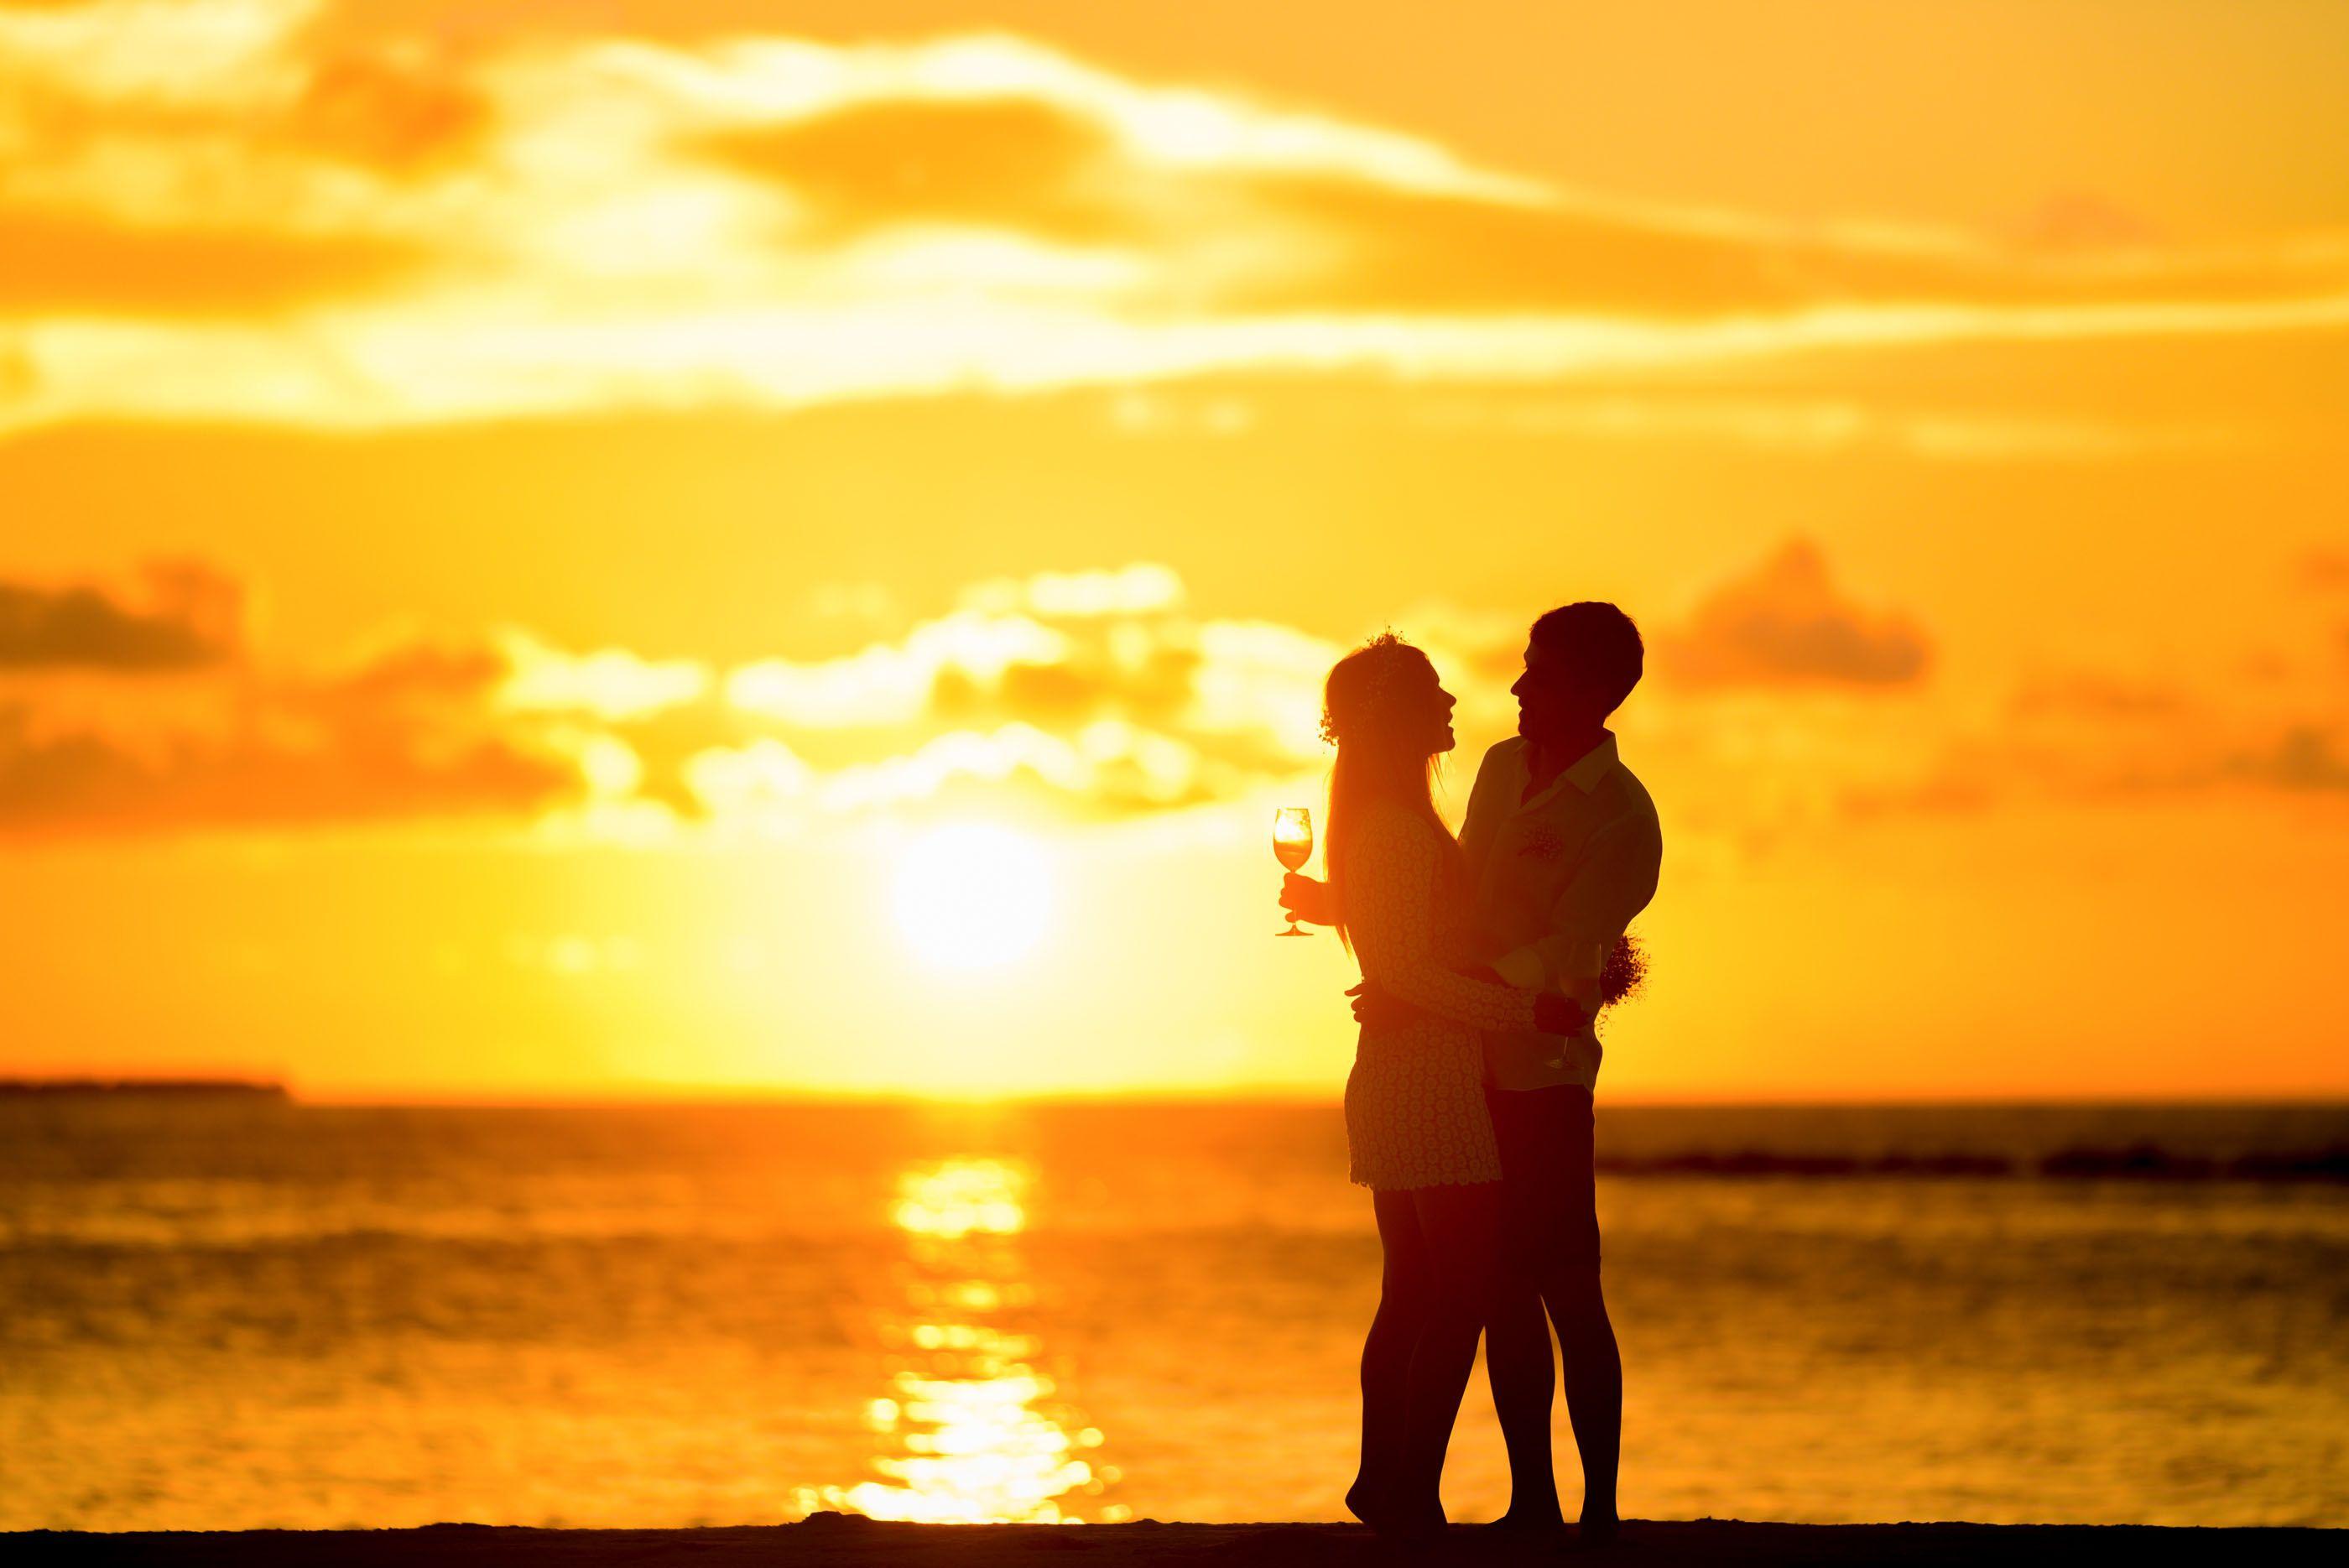 A Couple Enjoying The Sunset